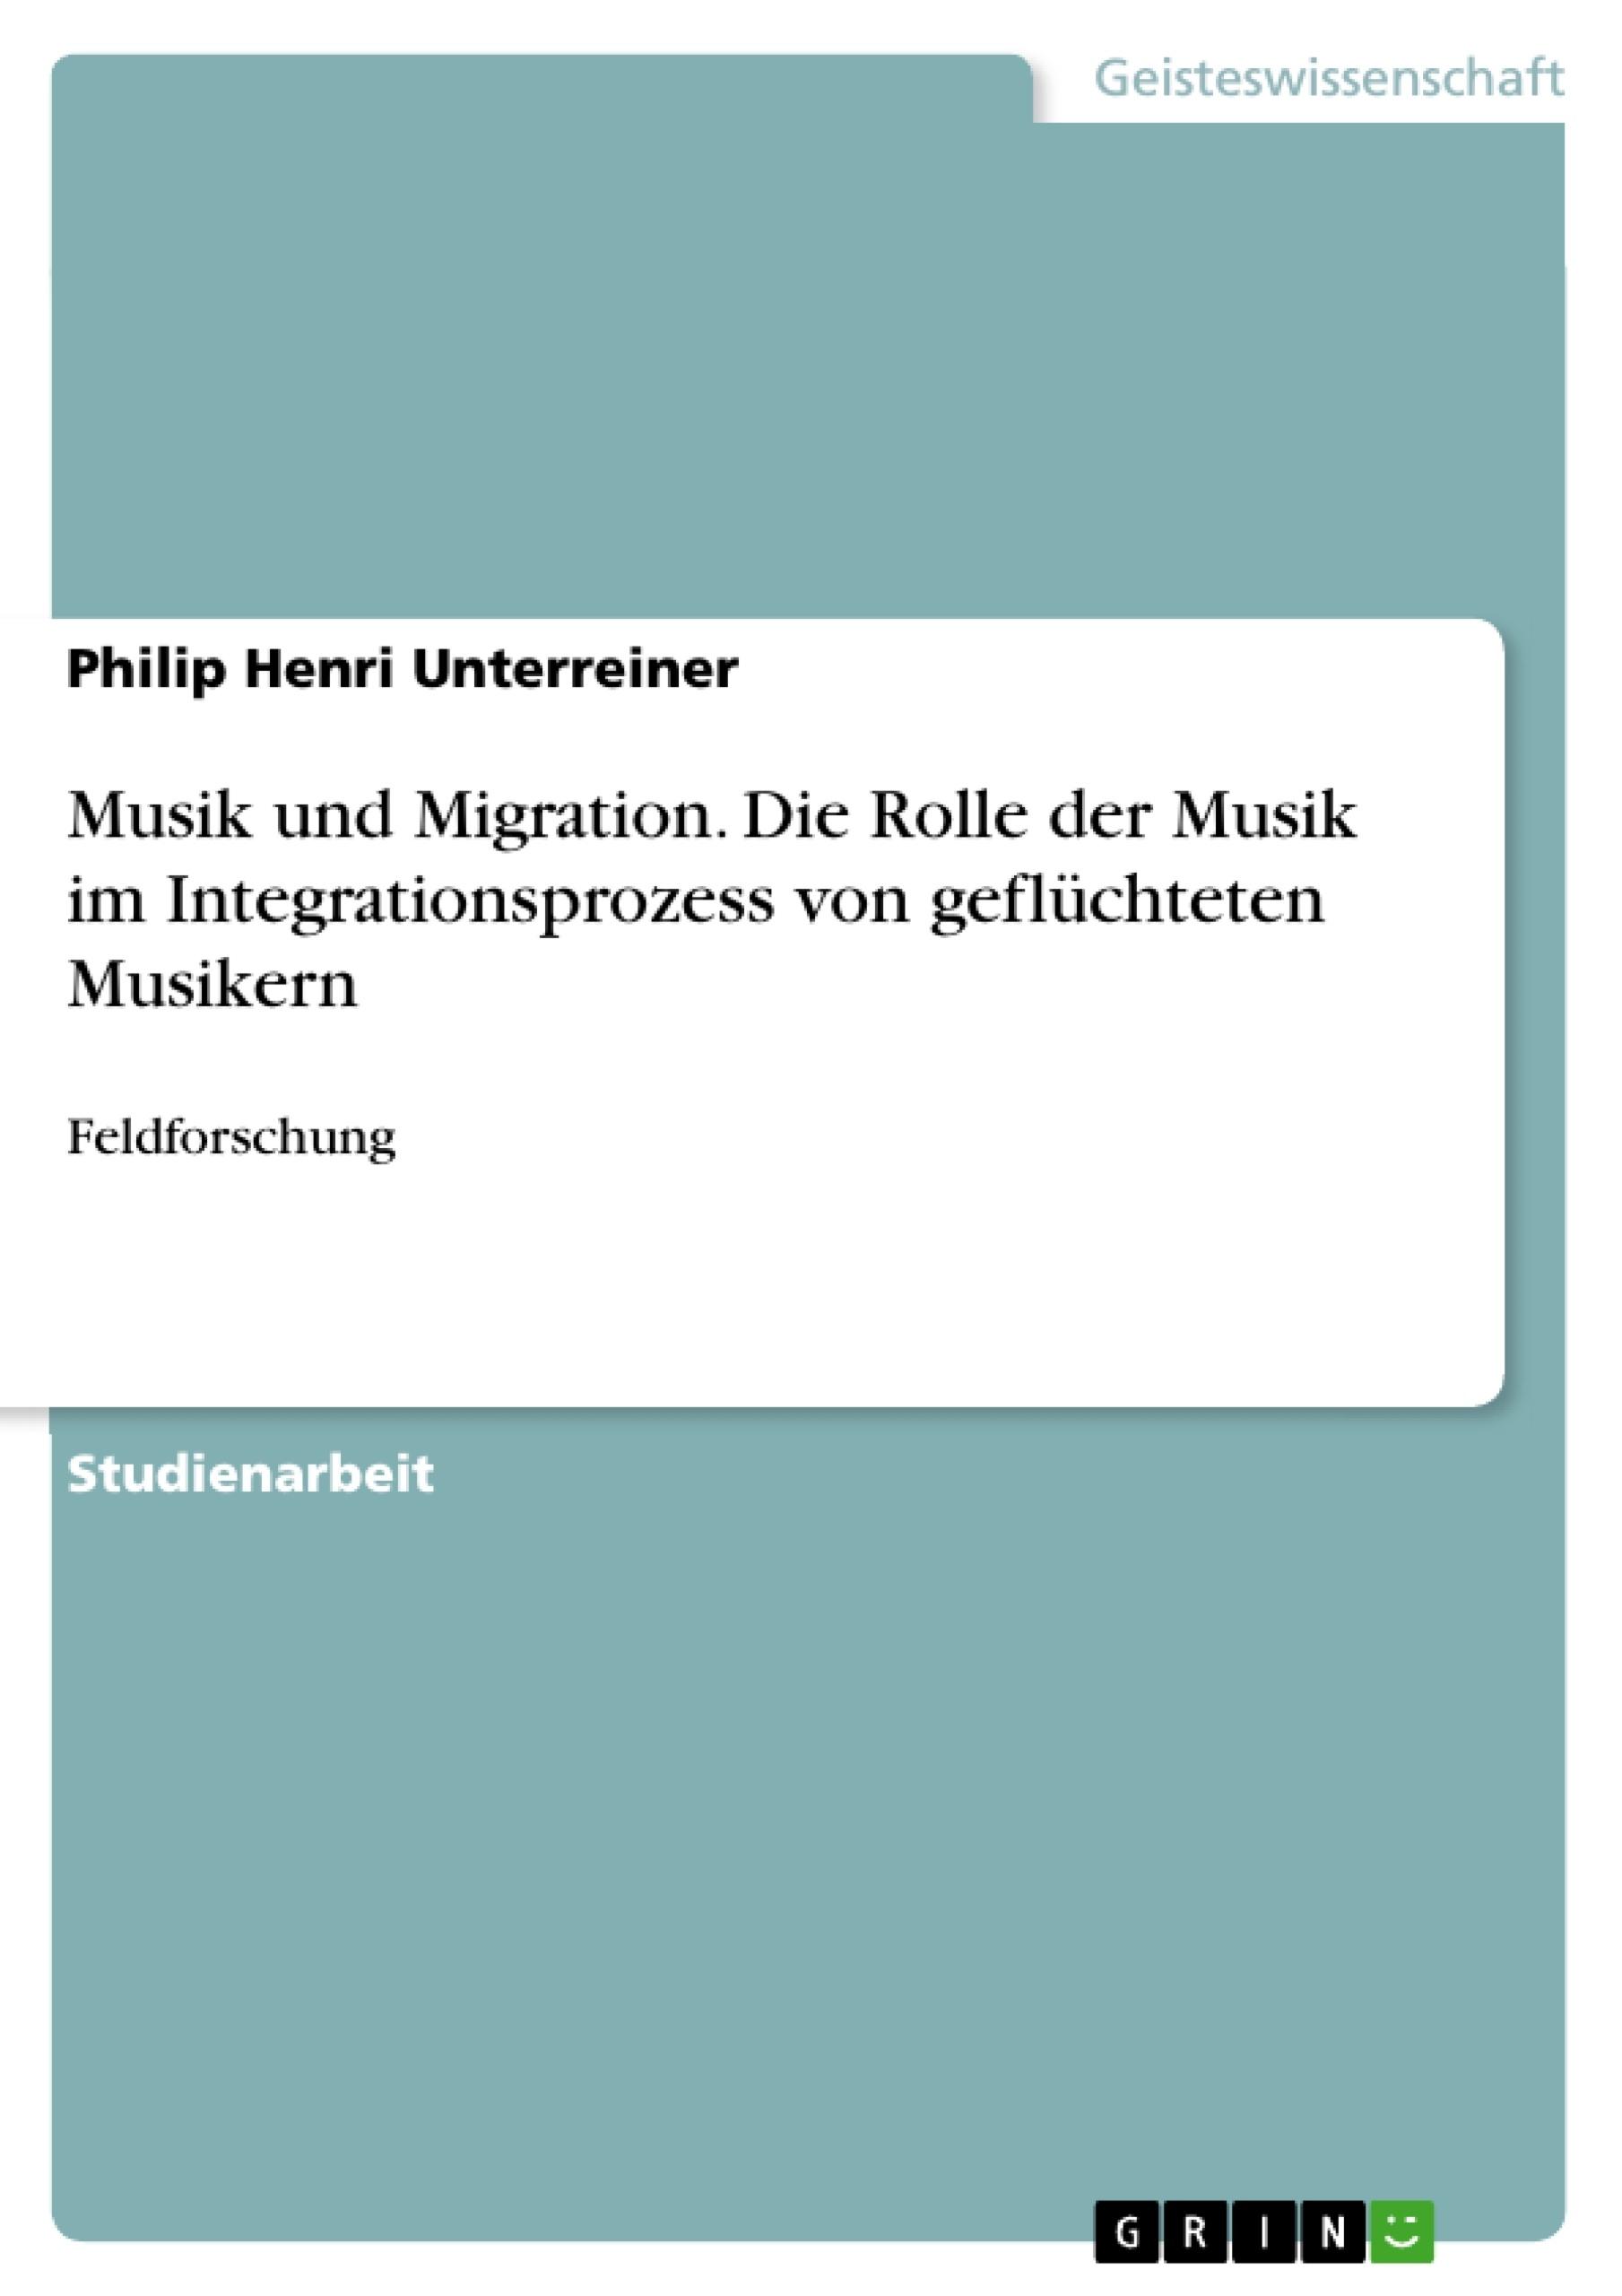 Titel: Musik und Migration. Die Rolle der Musik im Integrationsprozess von geflüchteten Musikern